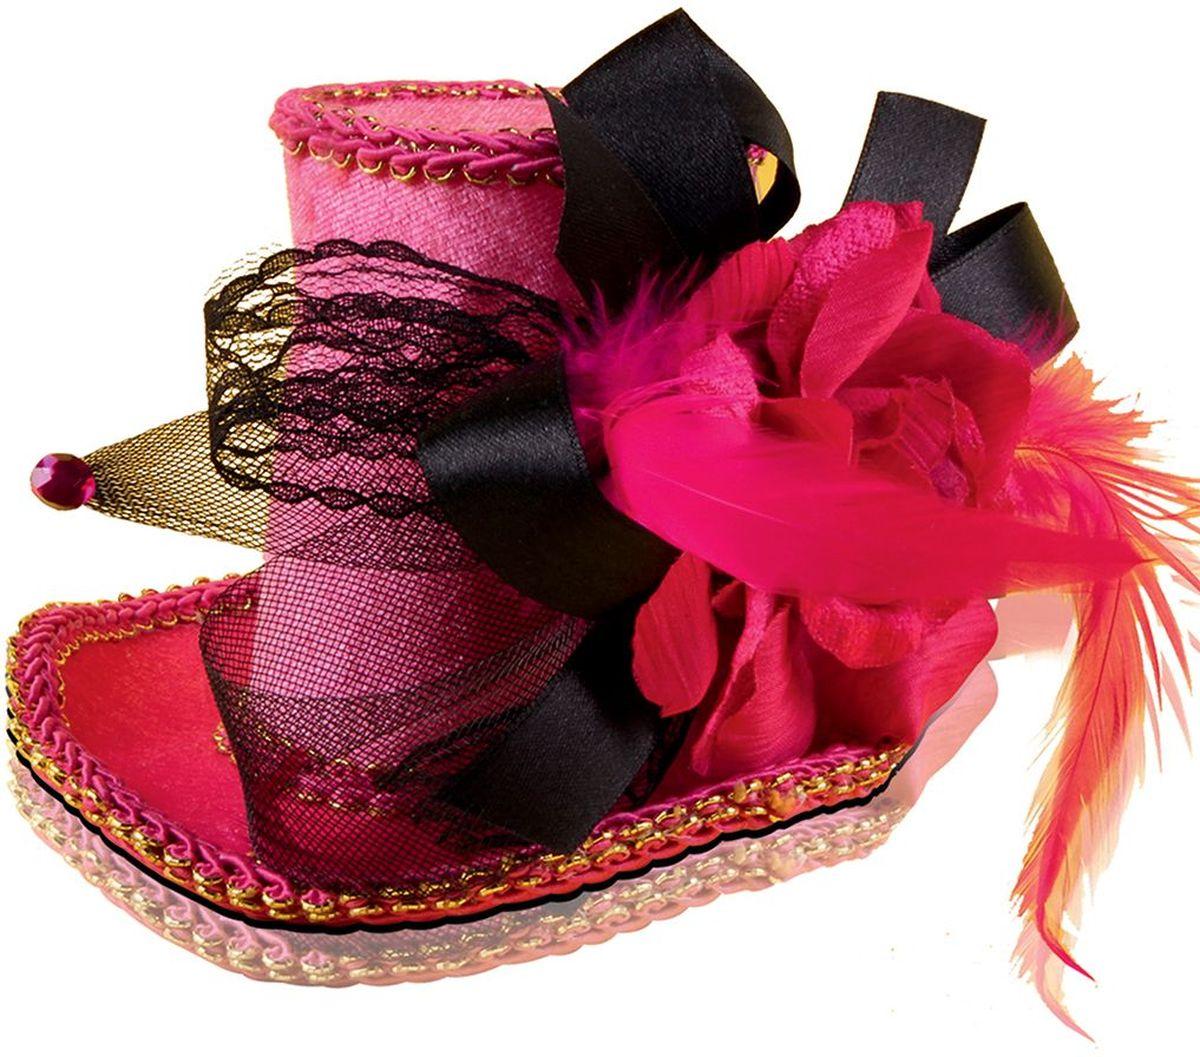 Partymania Шляпка-таблетка Винтаж T1208 цвет краснаяT1208_краснаяИзящная шляпка придаст изысканности Вашему карнавальному или вечернему костюму. Аксессуар, выполненный в винтажном стиле, создаст великолепный образ в стиле 30-х годов. Удобная и совсем незаметная заколка поможет без труда закрепить шляпку на волосах. Добавьте шарма своему наряду! Три разных дизайна шляпки-таблетки поставляются под одним артикулом. Цвета изделий: черный, розовый и слоновая кость. Размер упаковки - 250х134х97 мм.